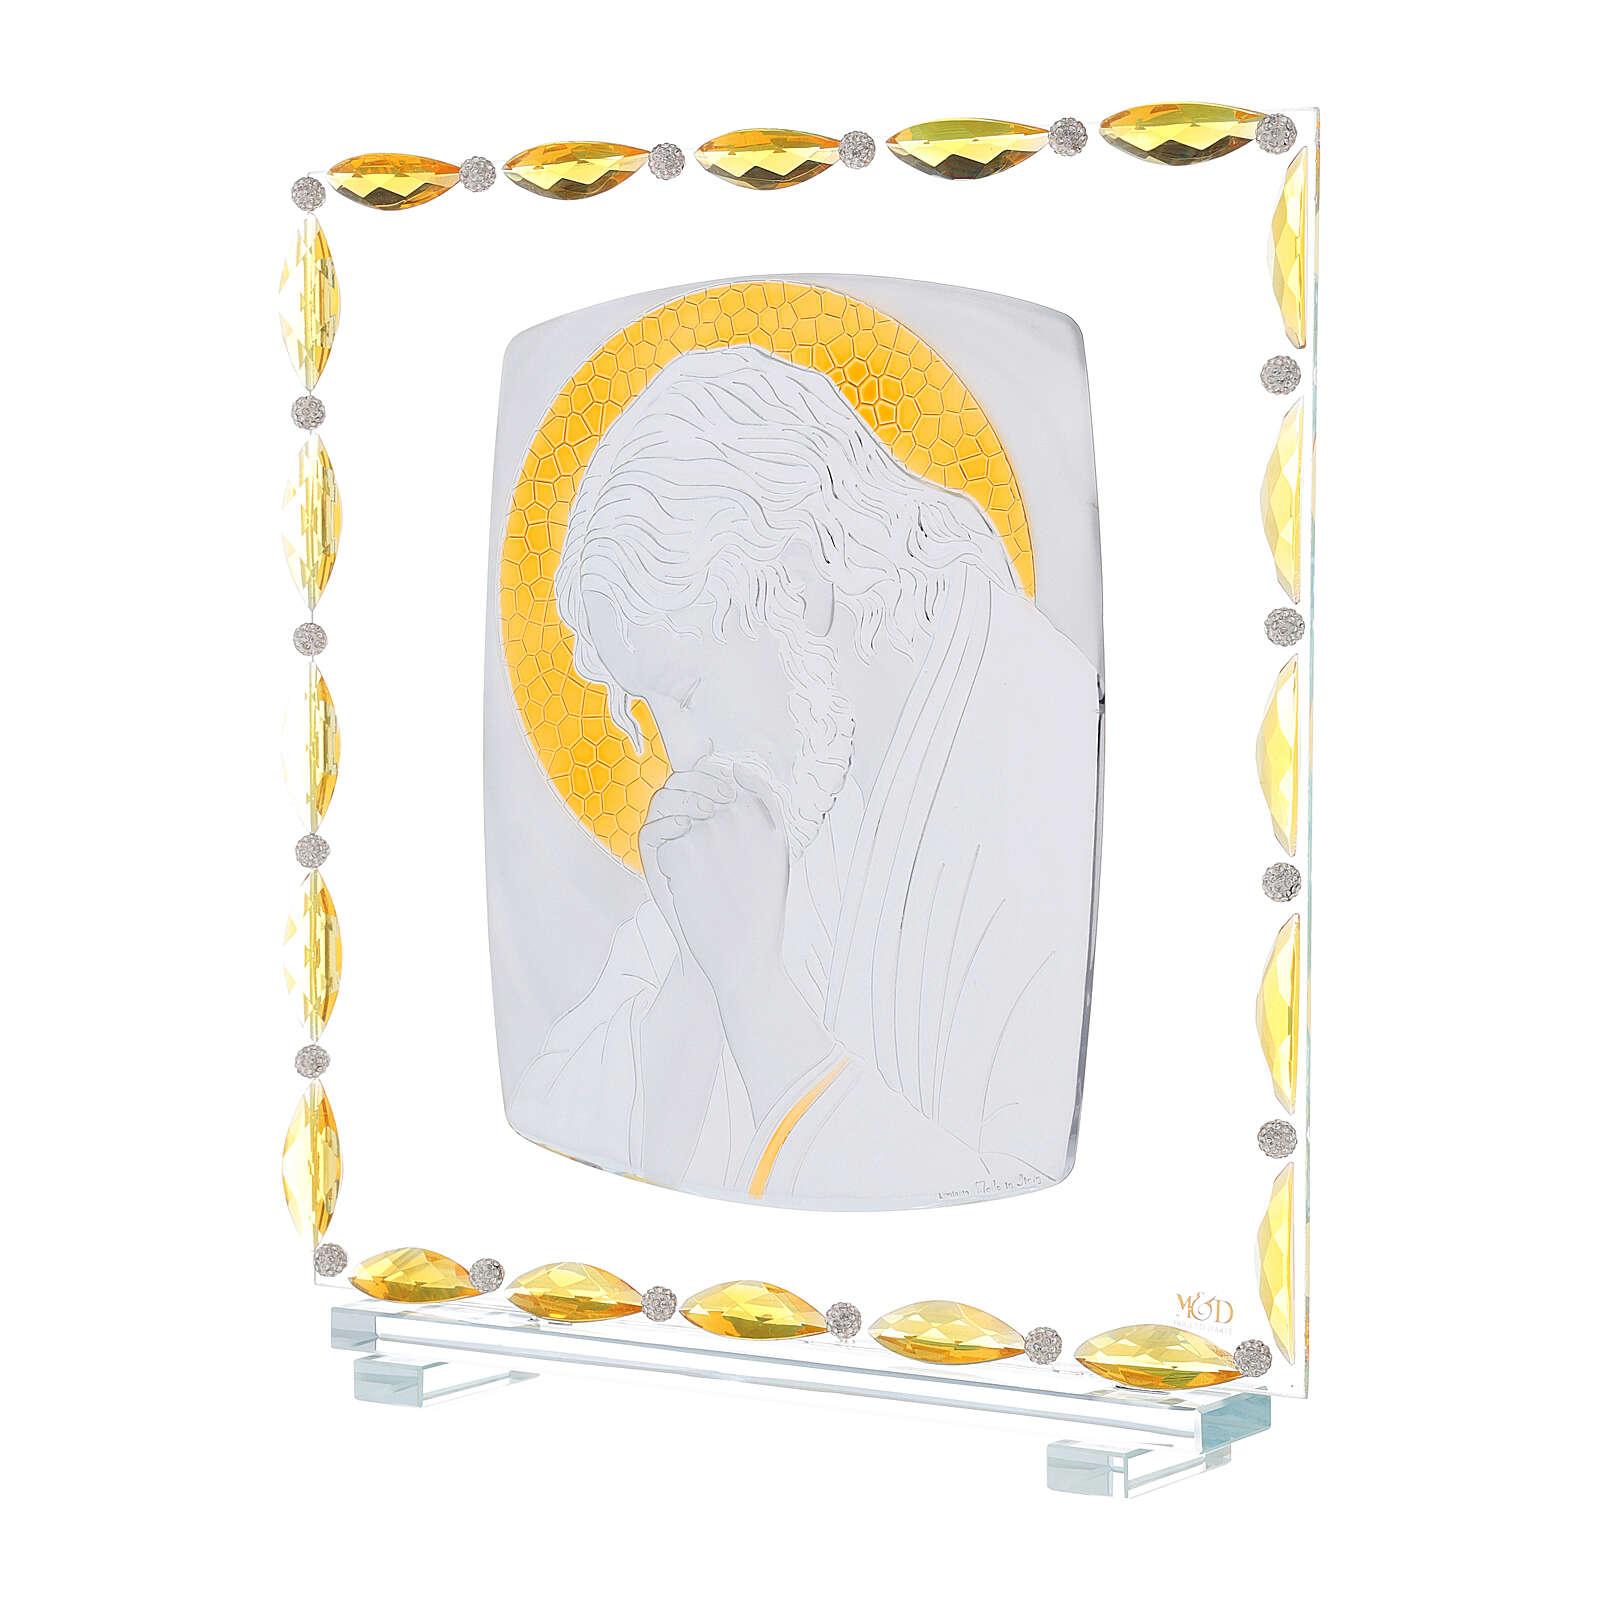 Cristo in preghiera quadretto argento laminato 30x30 cm 3